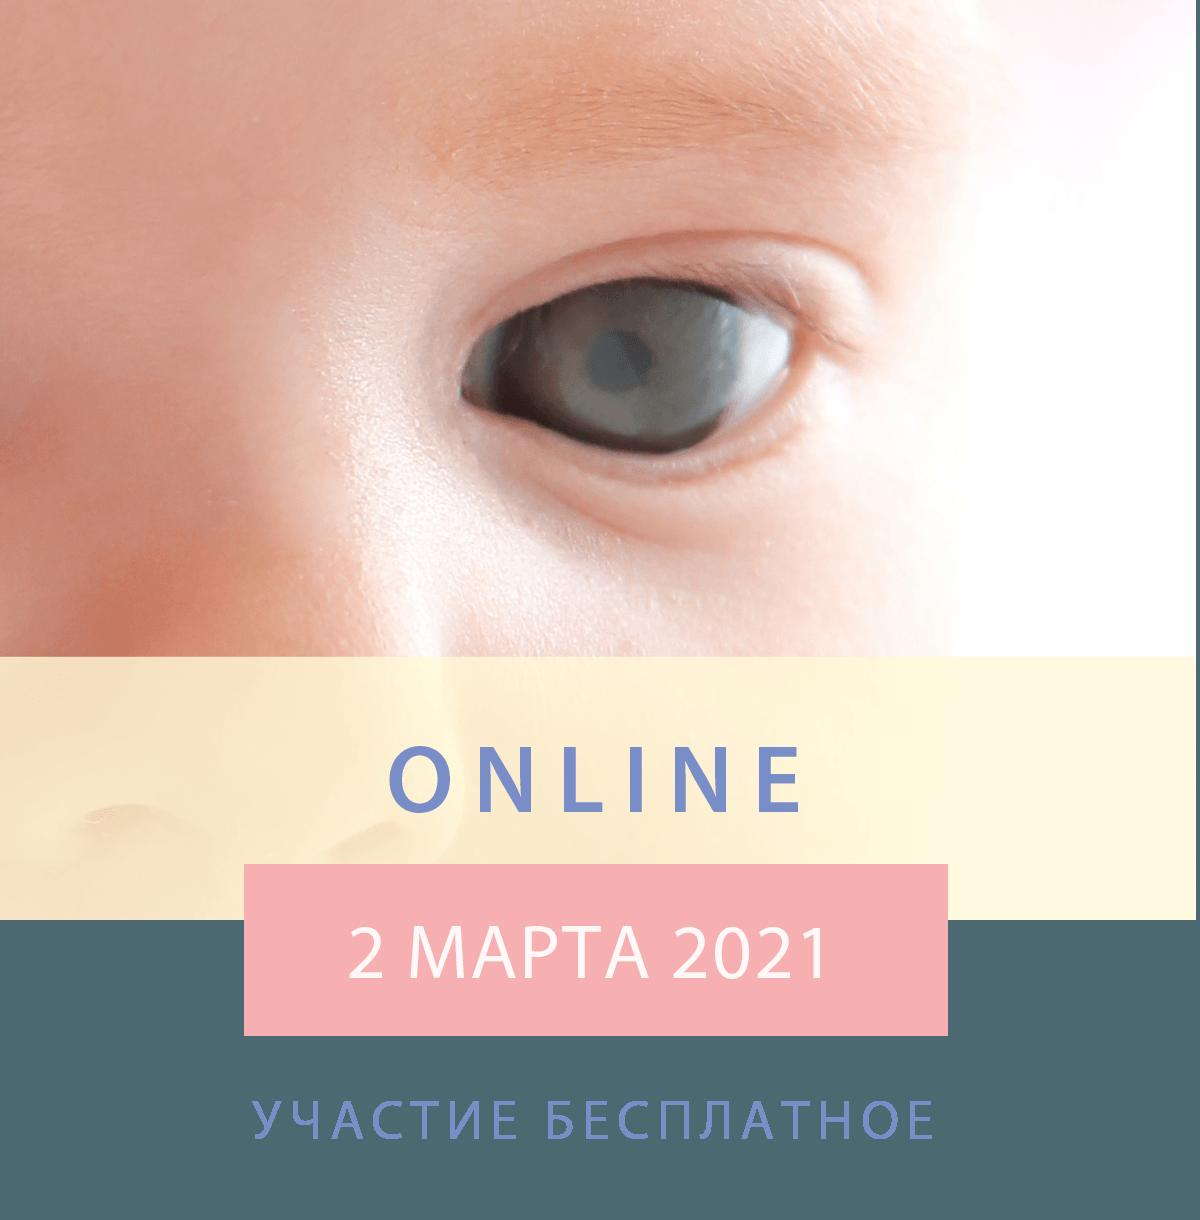 Современные подходы к репродуктивным технологиям Онлайн. 02.03.2021